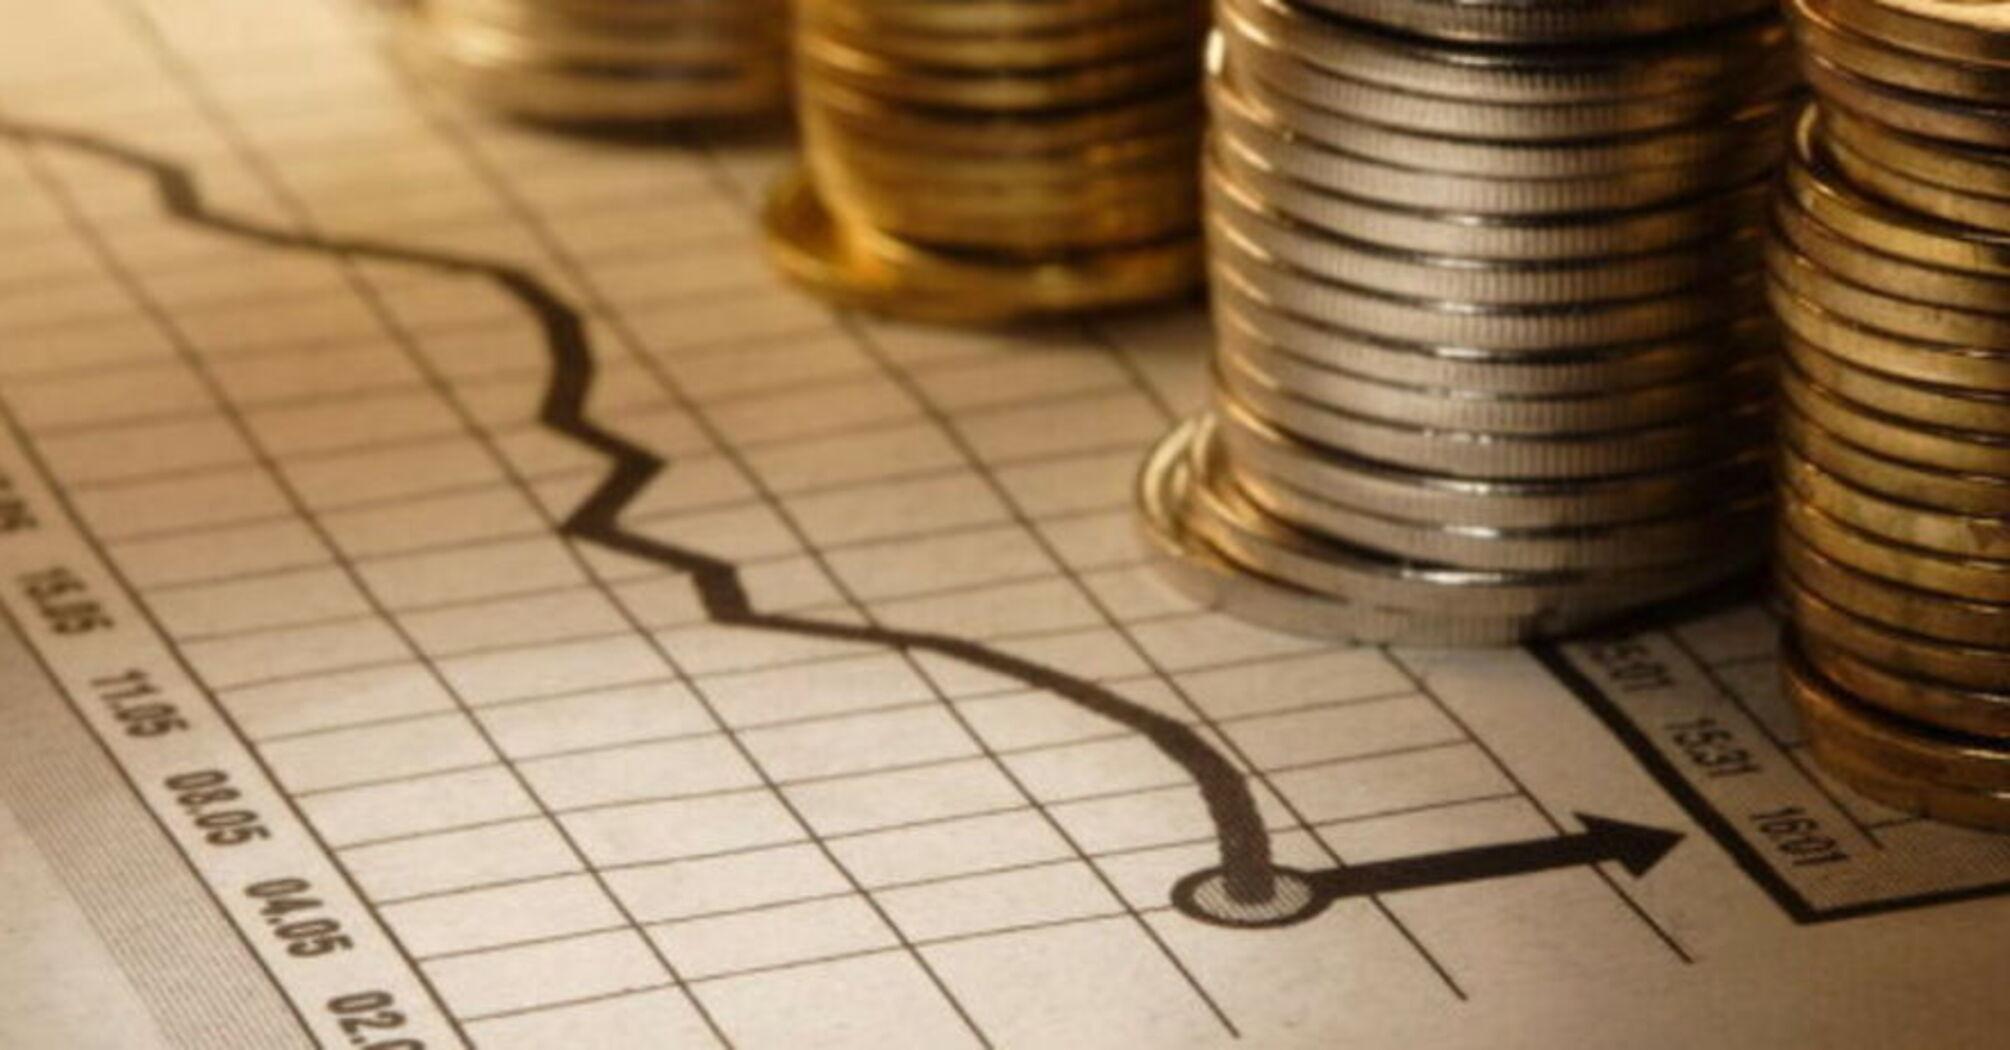 Кому в Украине платят больше 50 тысяч гривен: названы самые высокооплачиваемые вакансии